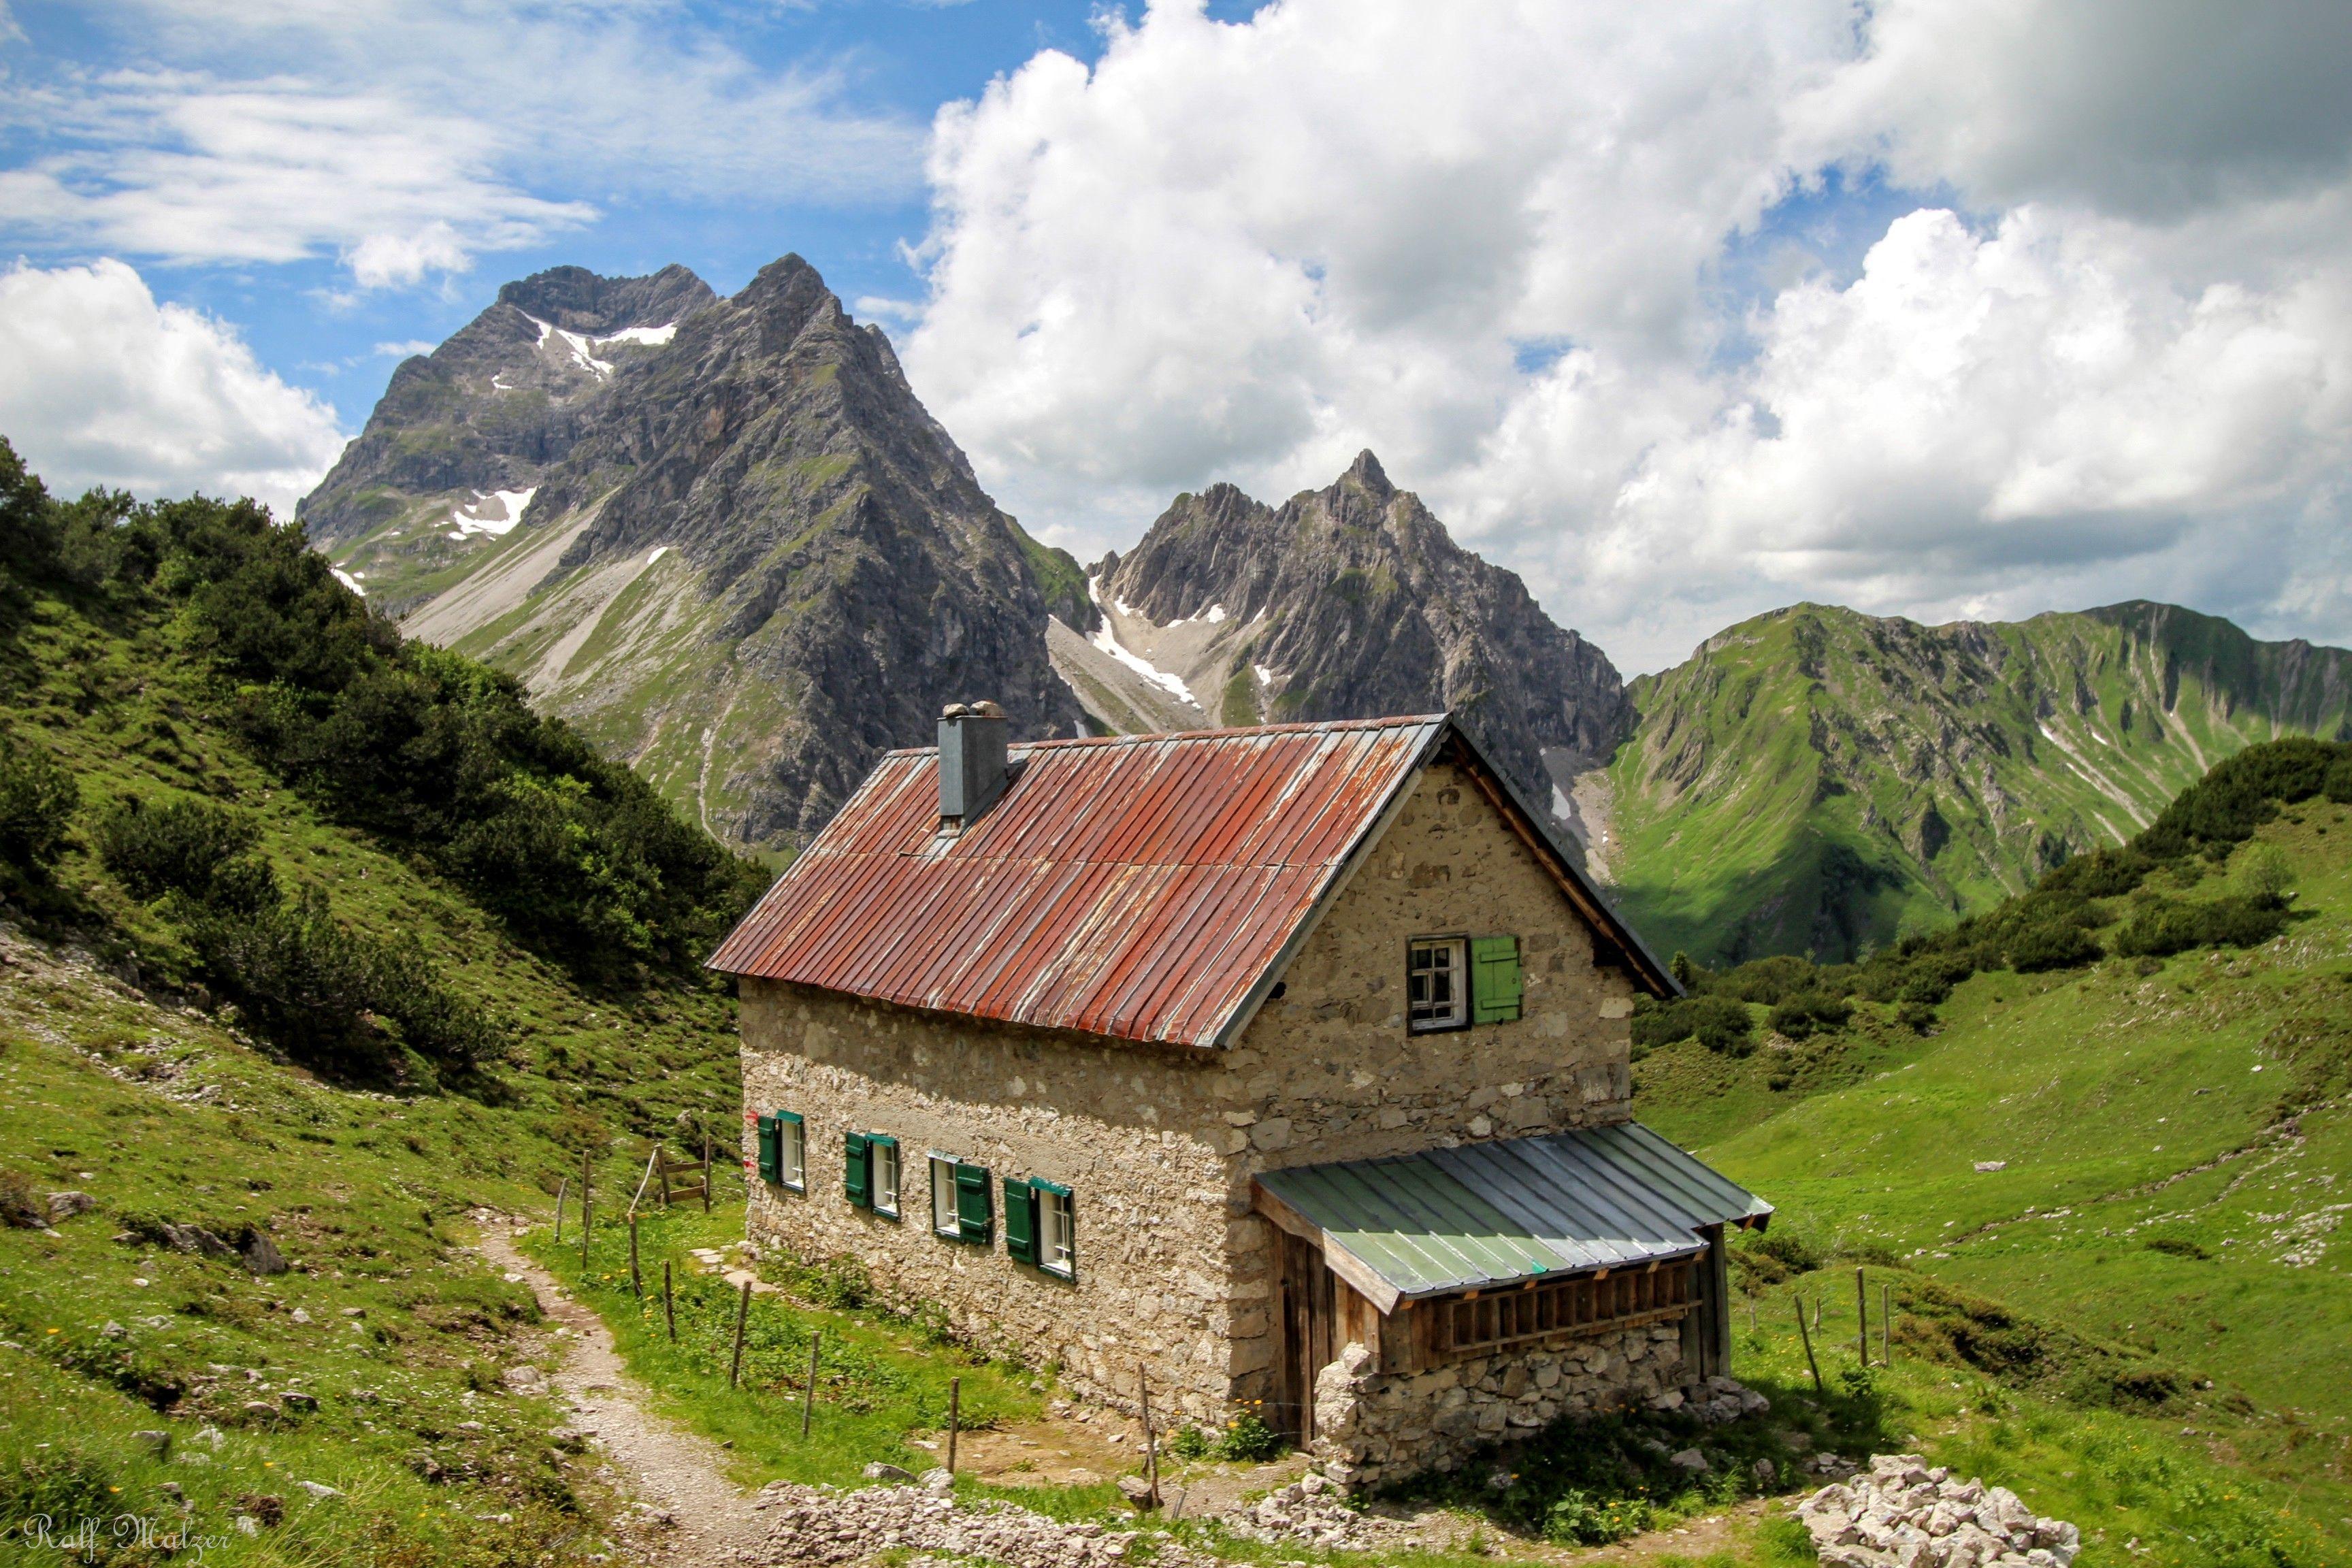 Sterzer Hütte in Mittelberg Kleinwalsertal Austria